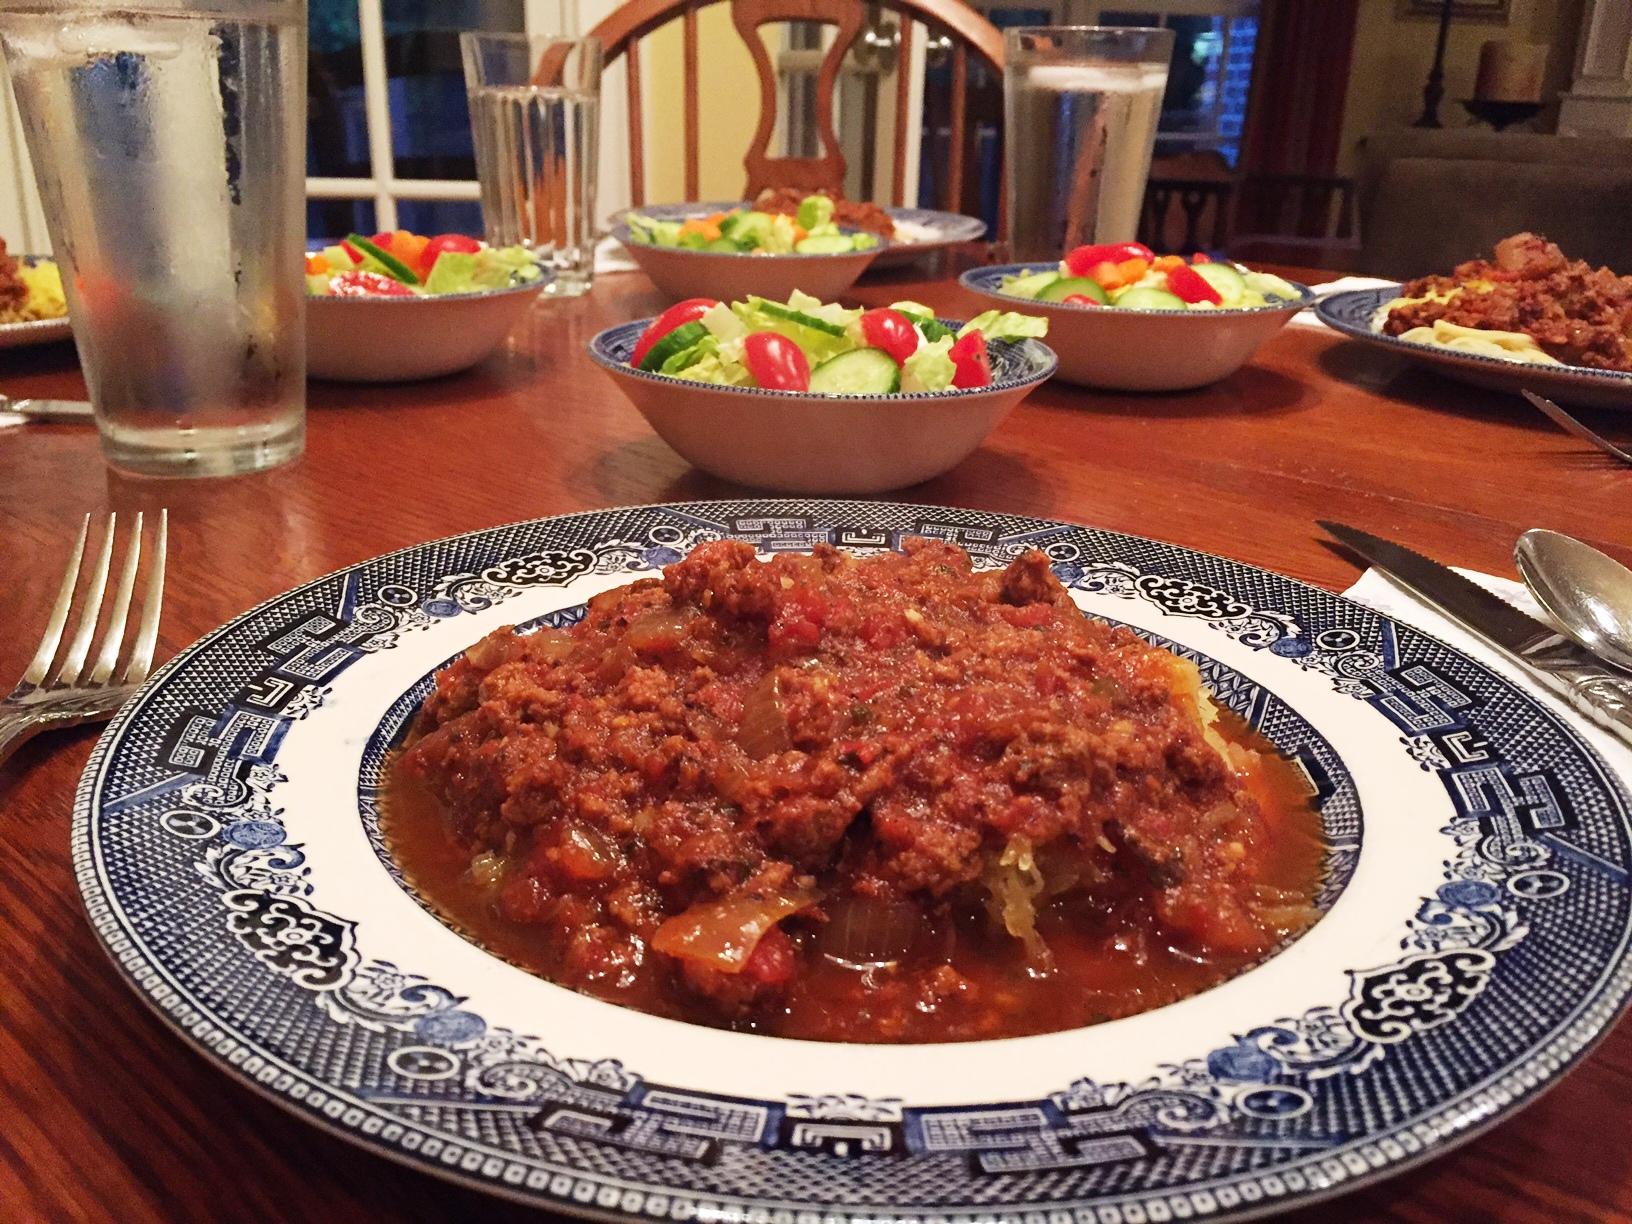 Mama's Italian Spaghetti